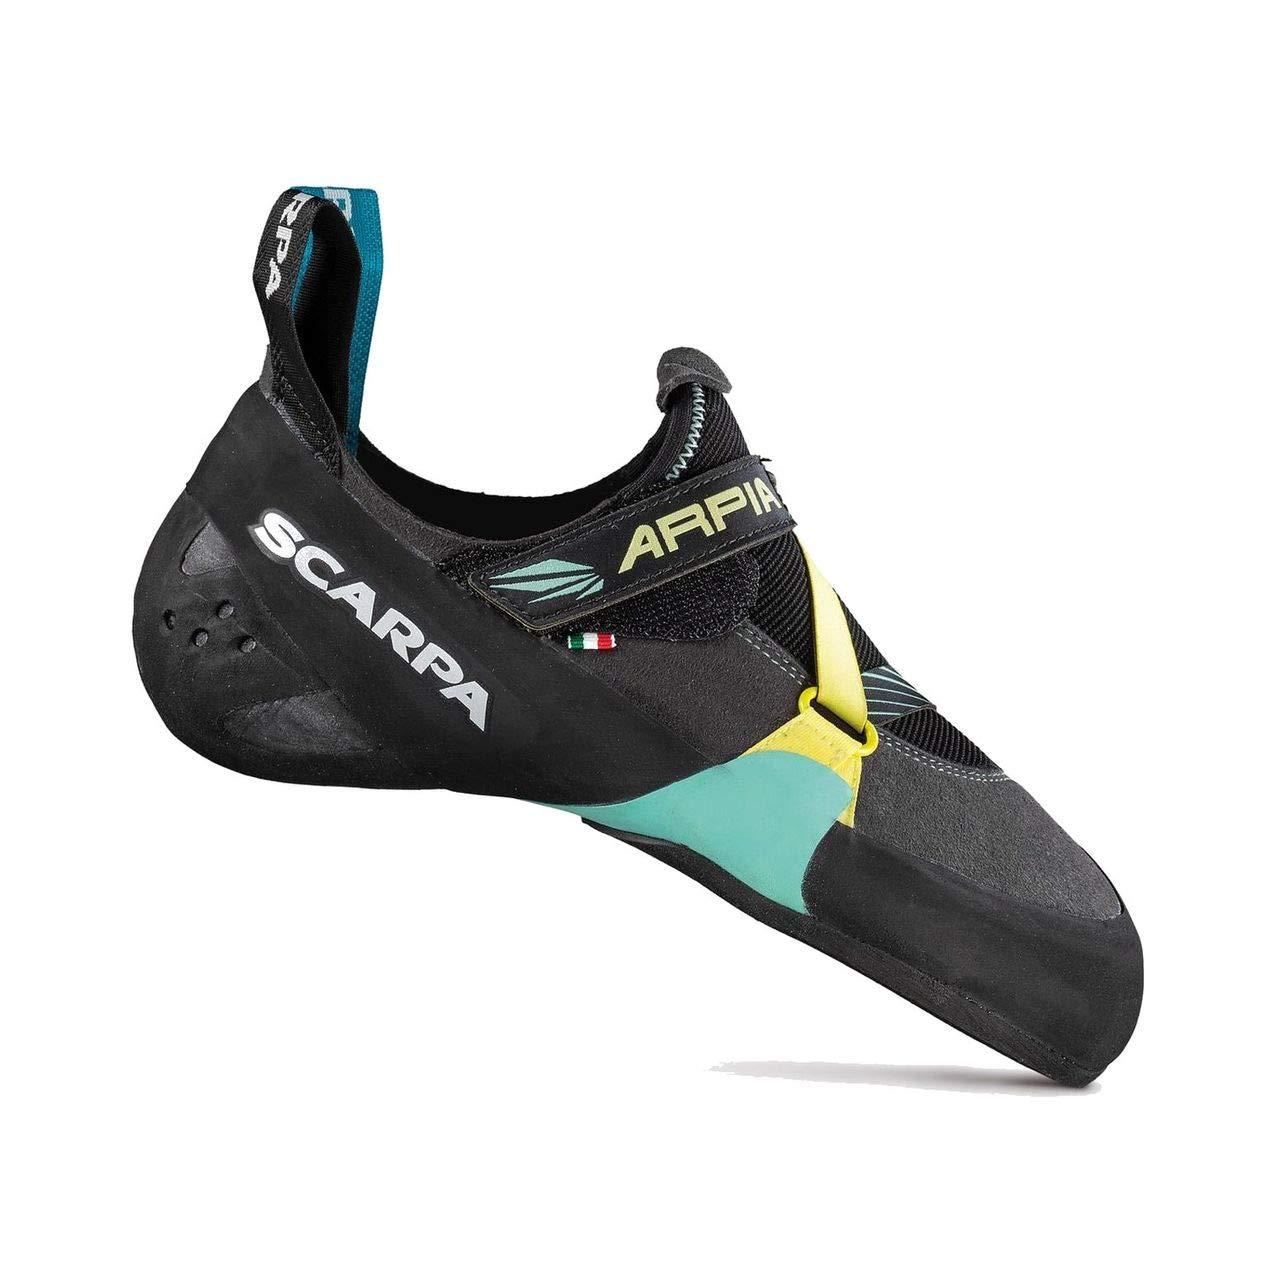 SCARPA Arpia Climbing Shoe - Women's Black/Aqua, 40.5 by SCARPA